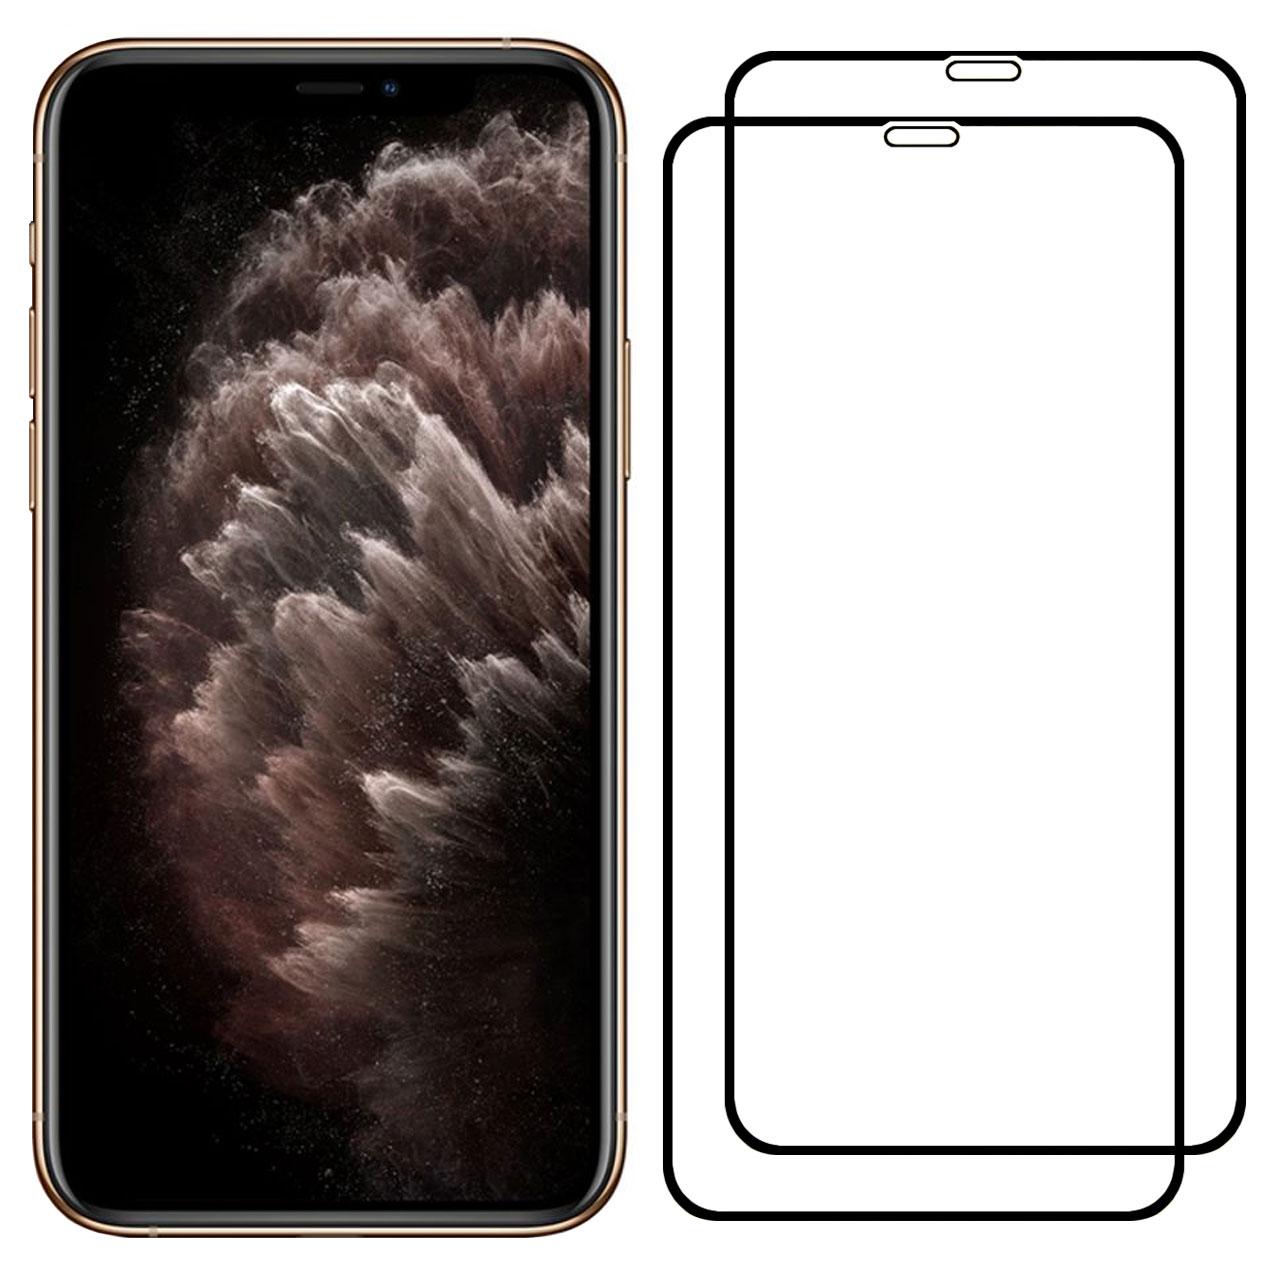 محافظ صفحه نمایش مدل FCG مناسب برای گوشی موبایل اپل iPhone 11 Pro Max بسته دو عددی